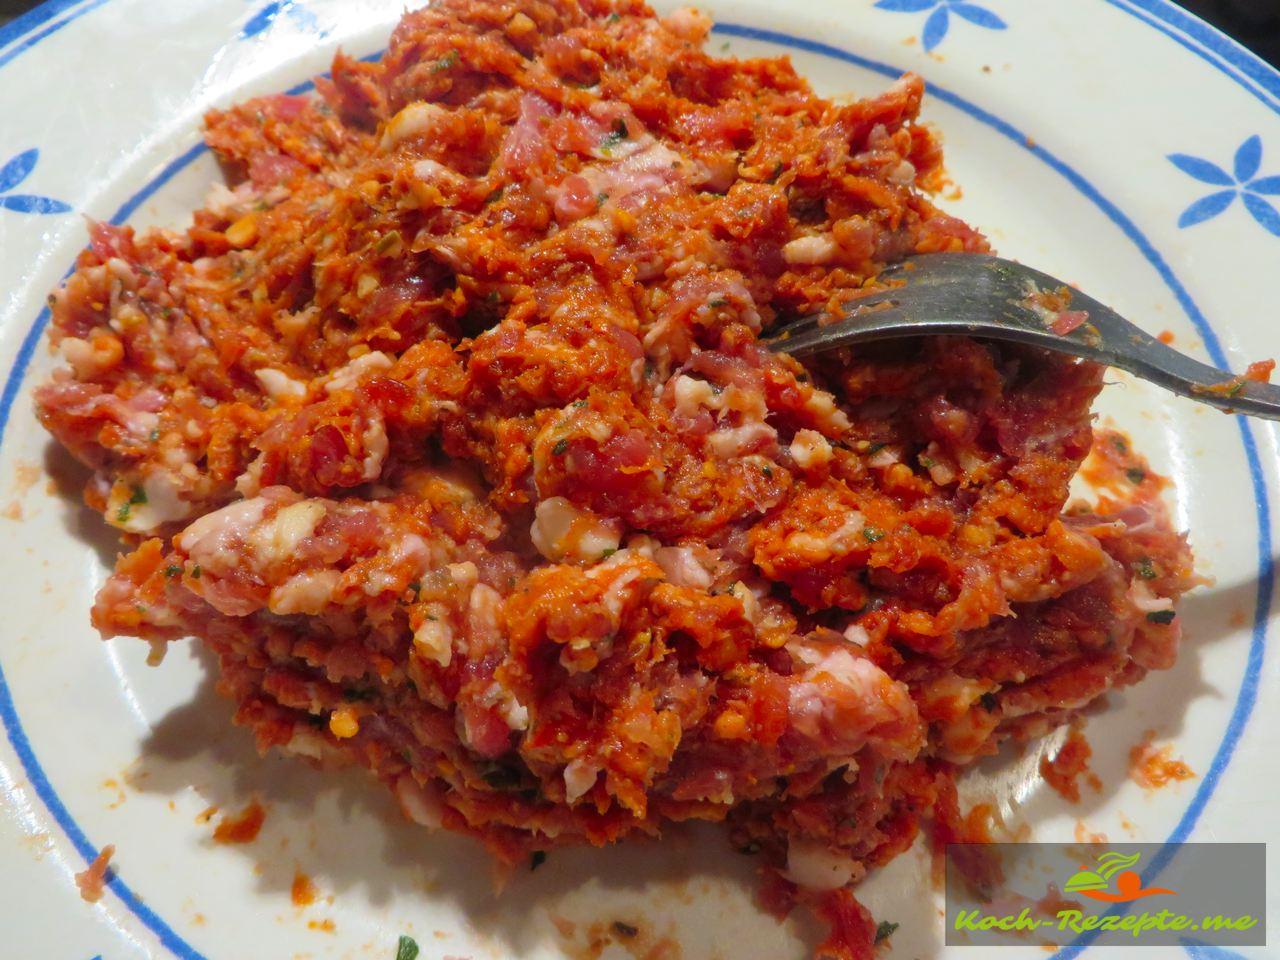 gefüllte Zucchini überbacken auf Paprikagemüse, Rezept mit zwei Sorten französischer Bratwurst die vermischt werden